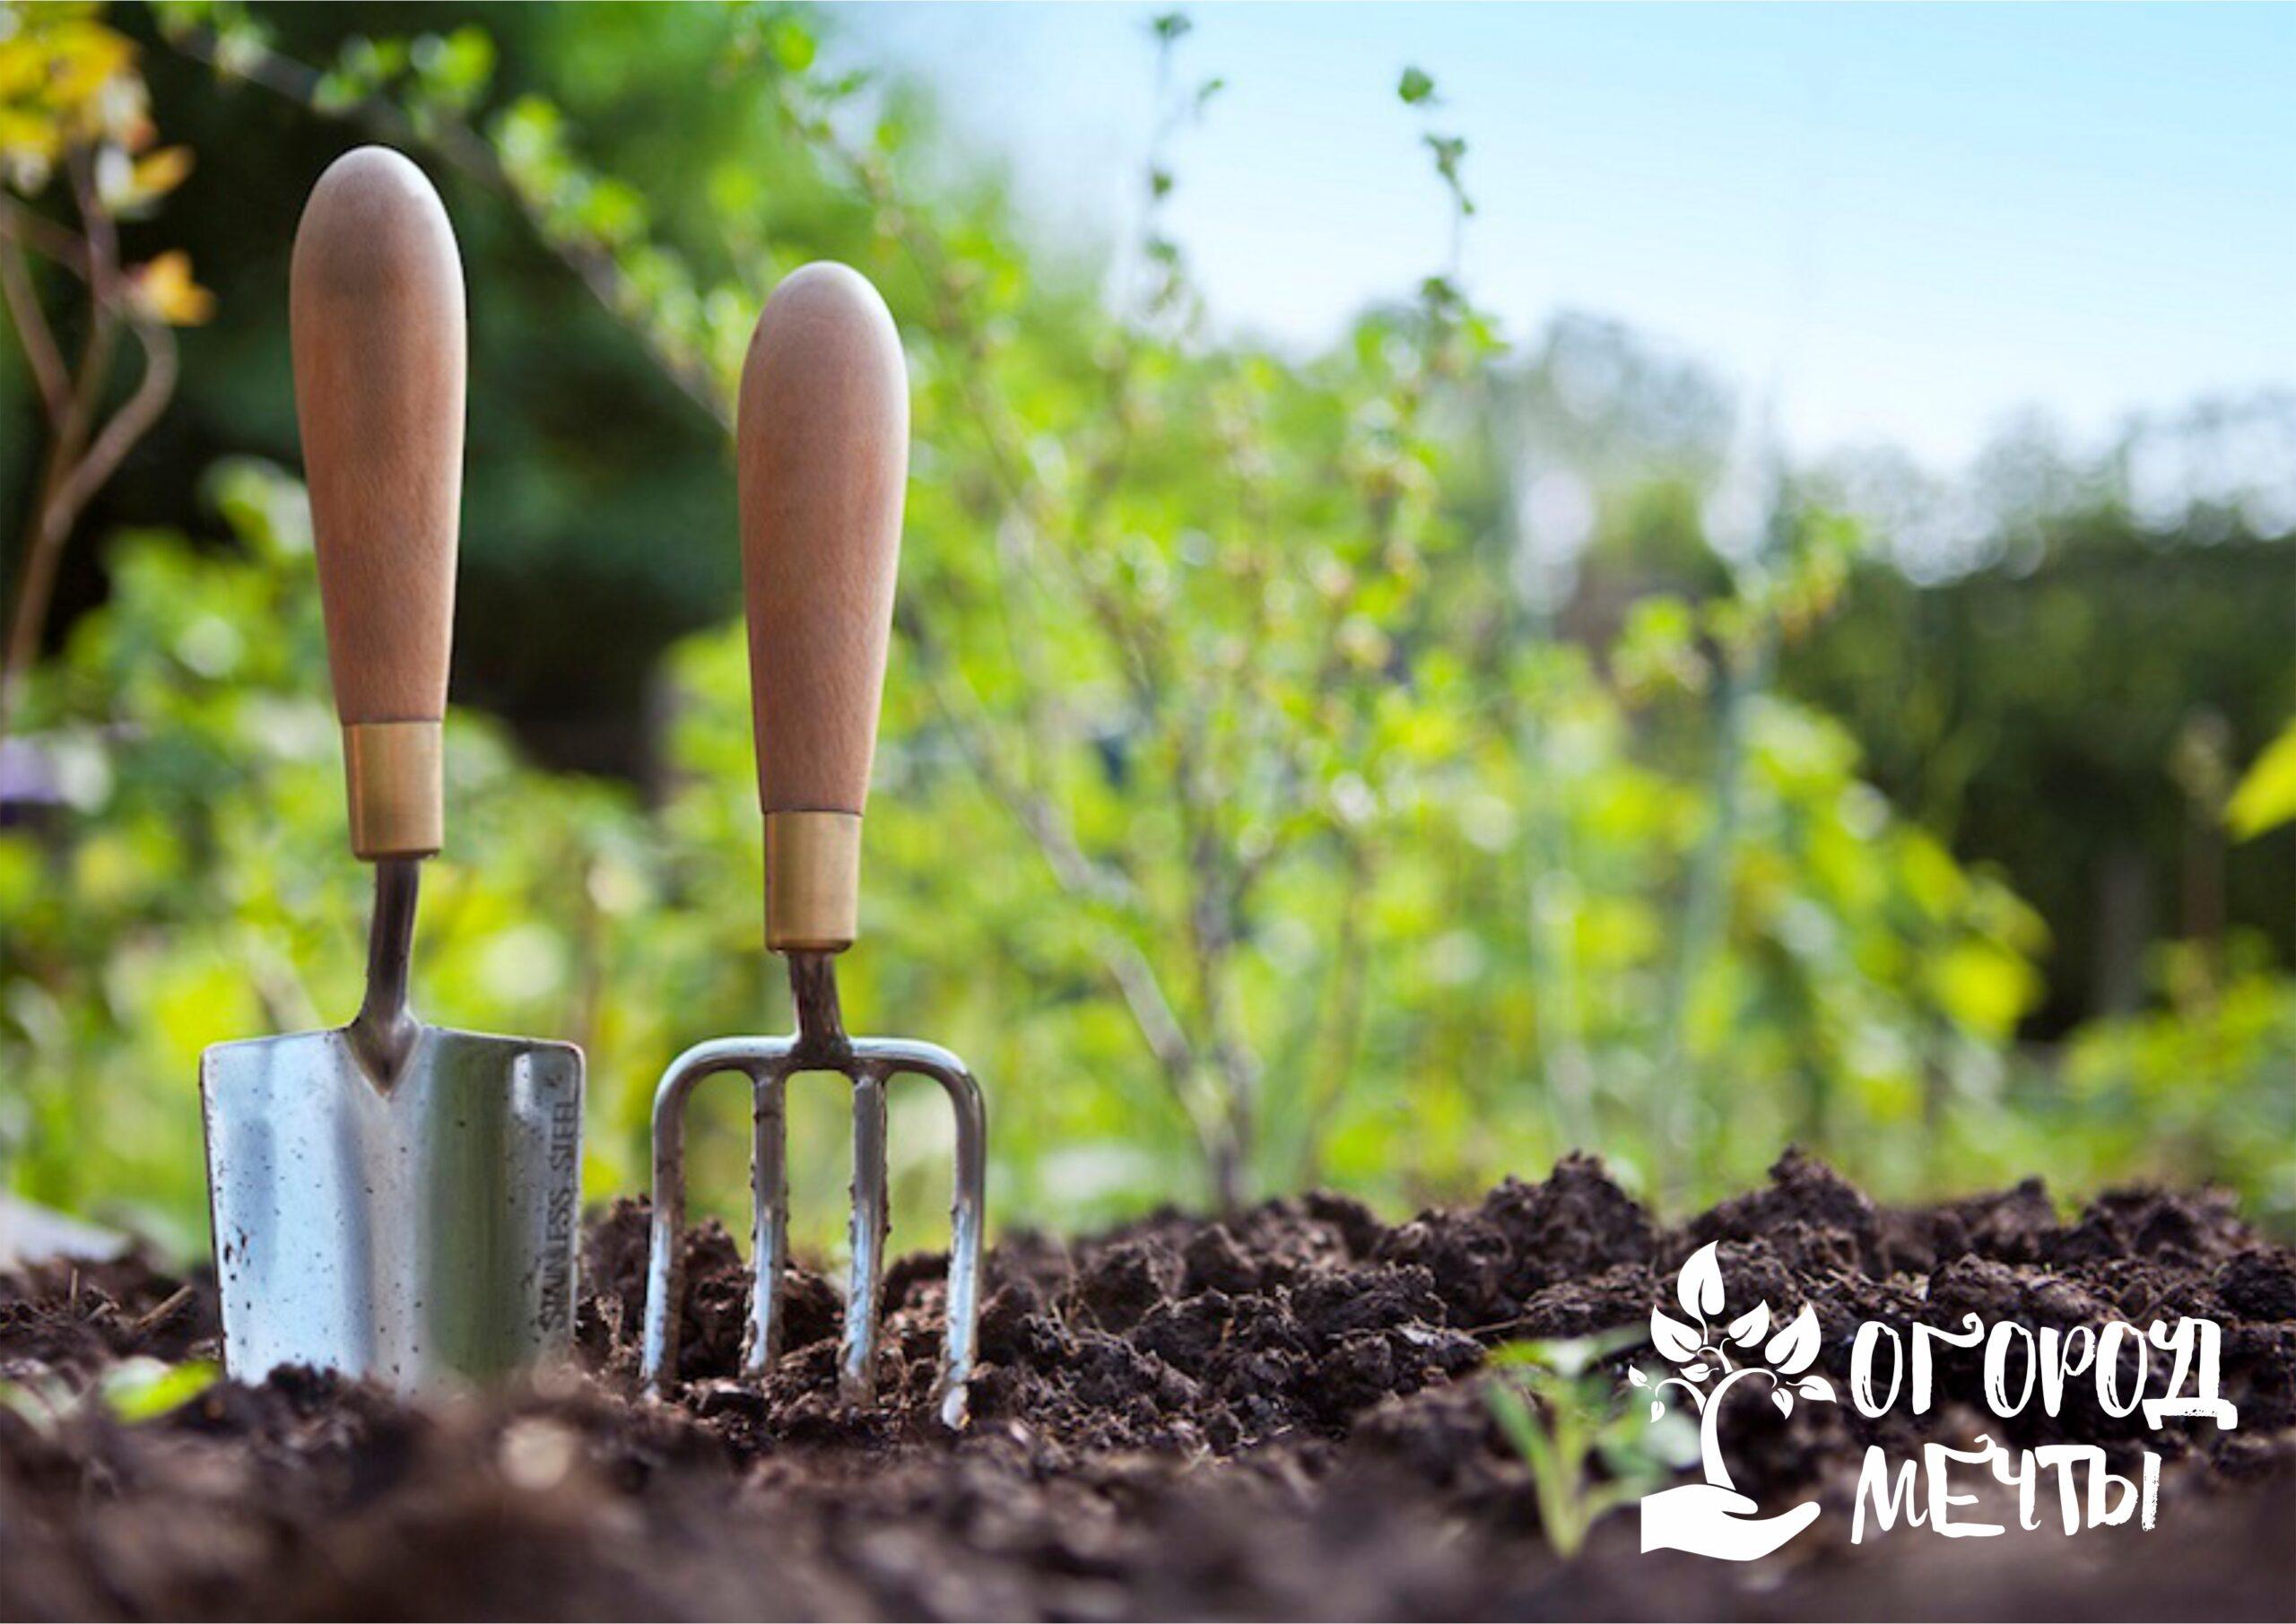 Самые важные мероприятия в огороде и июне